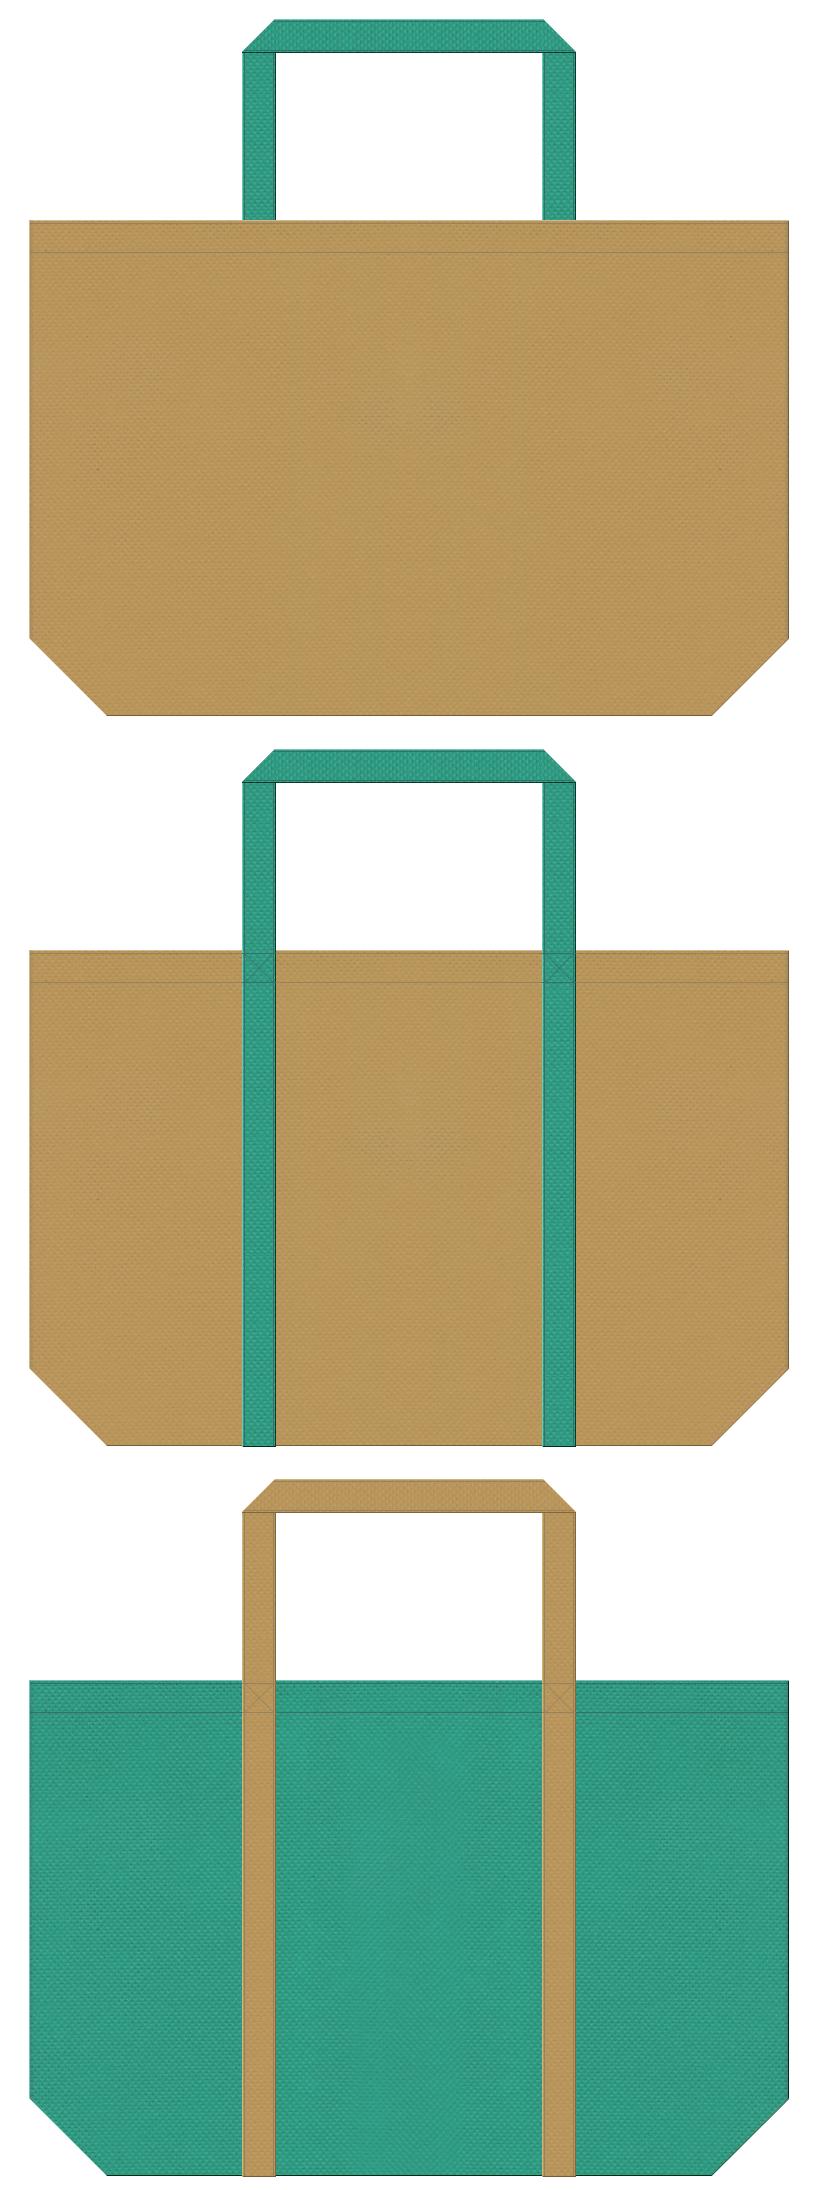 DIY・農業・肥料・種苗・園芸用品のショッピングバッグにお奨めの不織布バッグデザイン:マスタード色と青緑色のコーデ